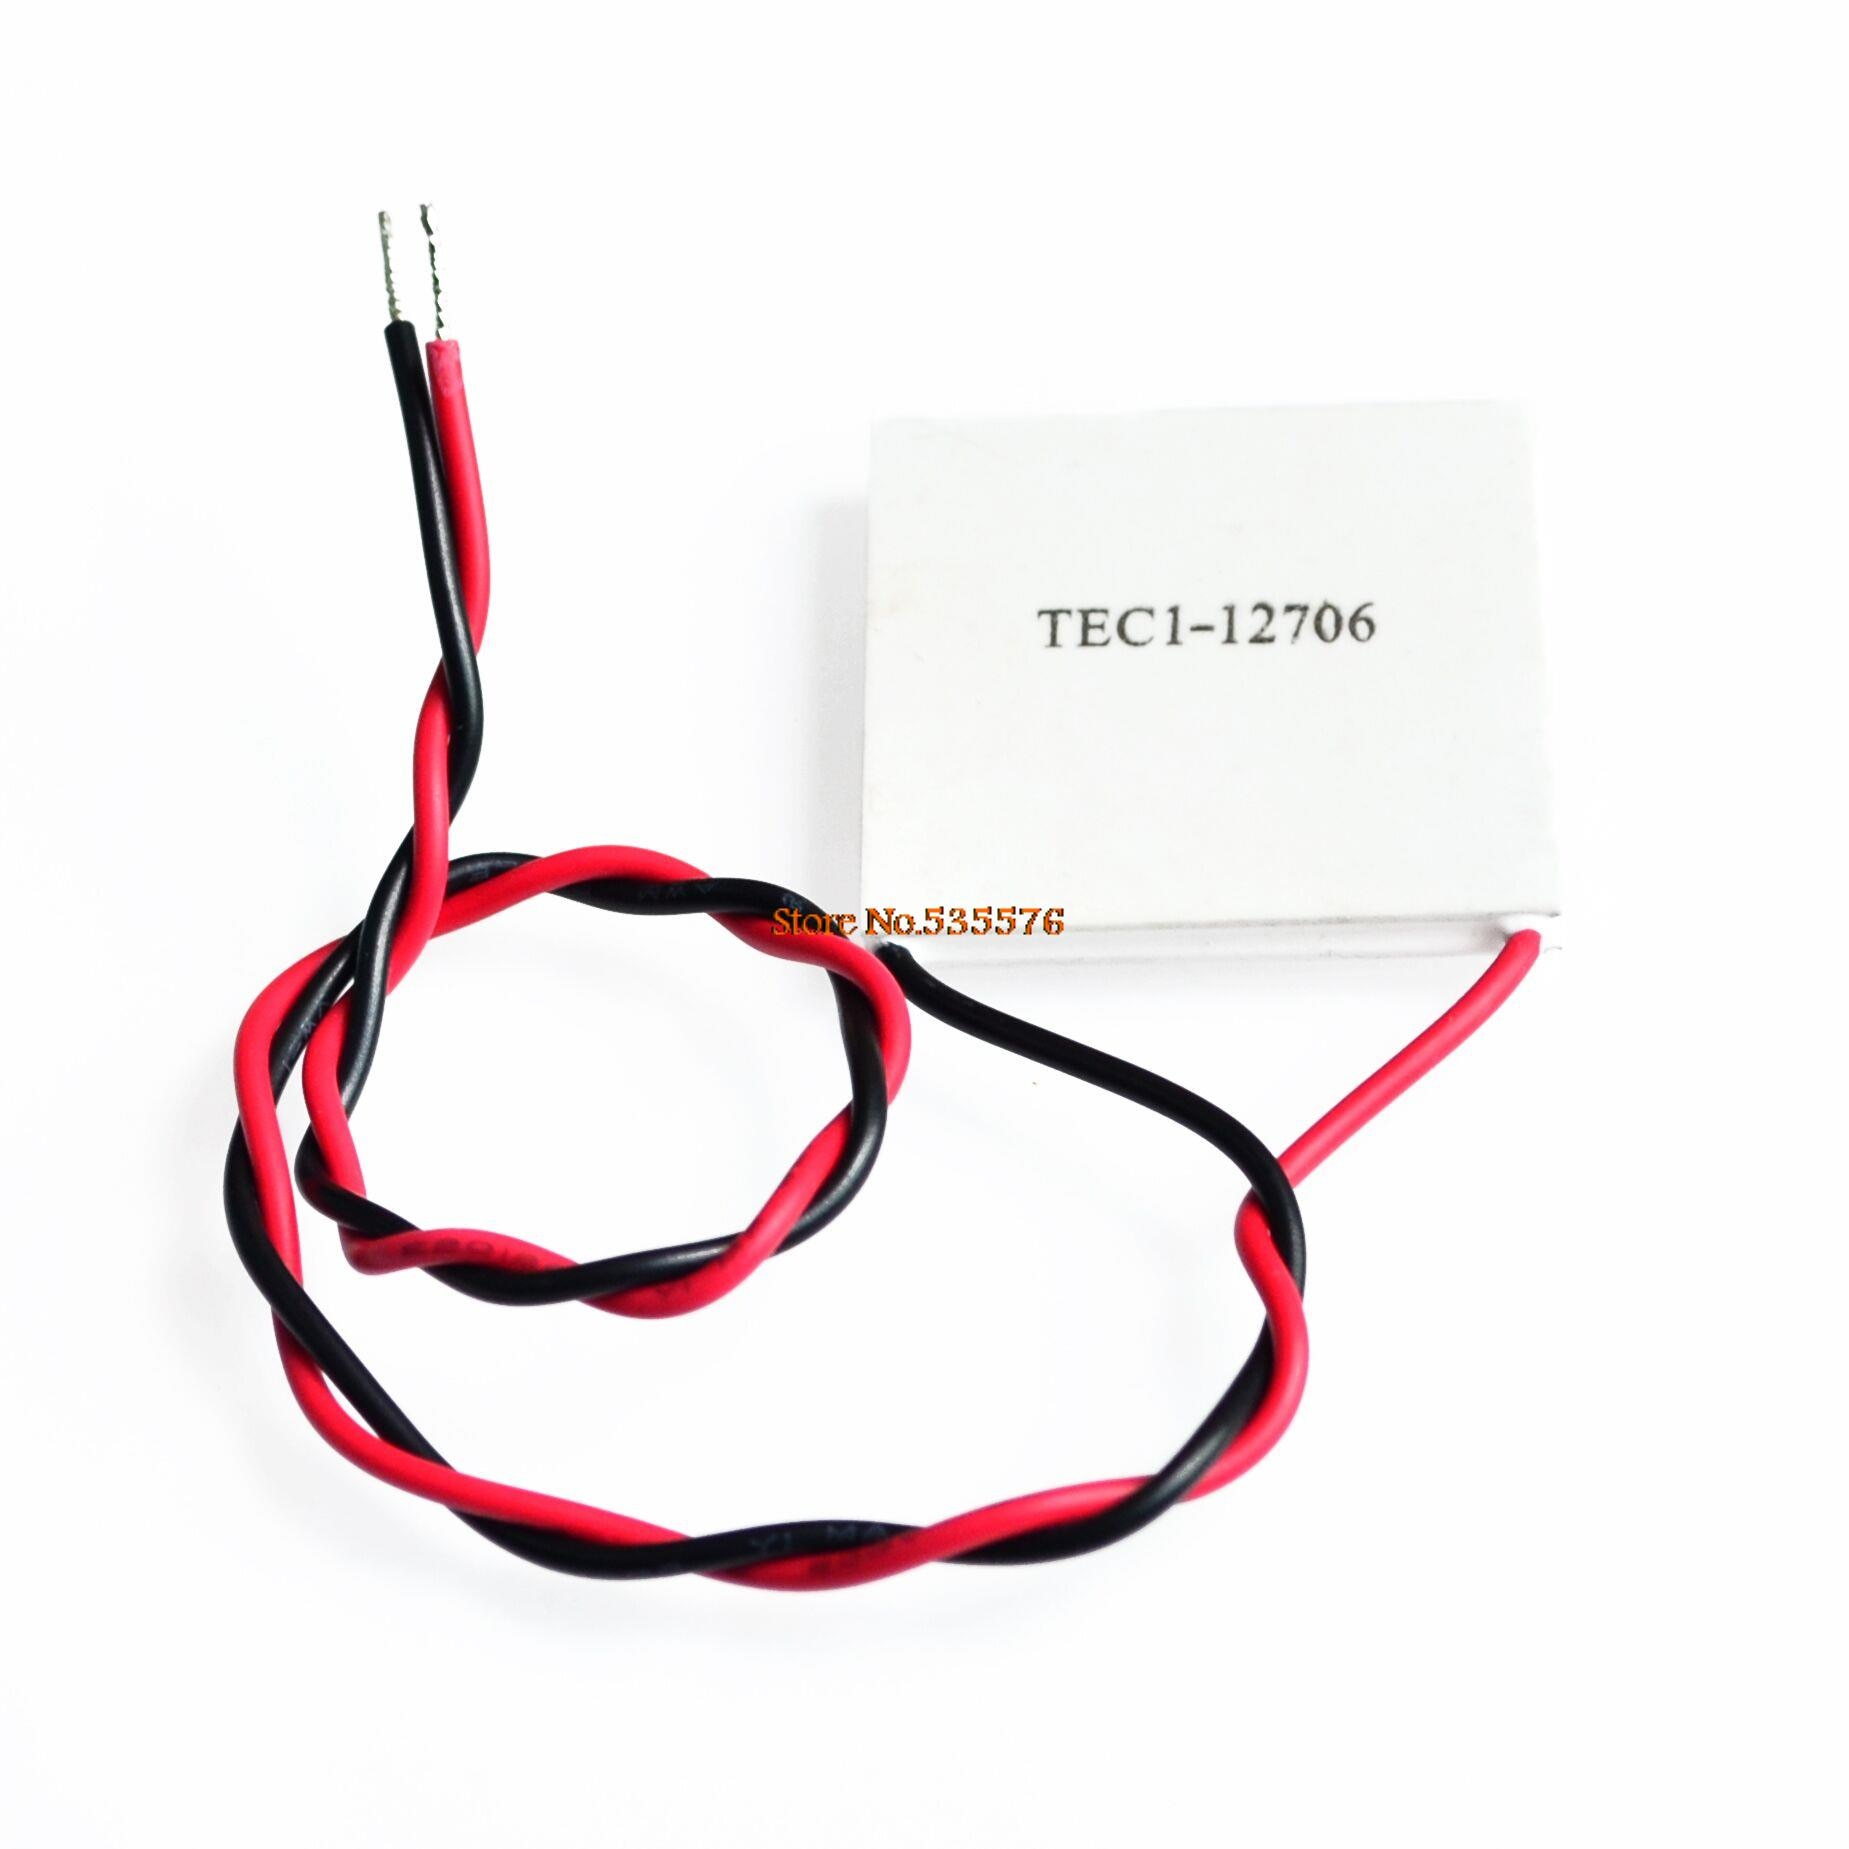 TEC1-12706 tec termoelétrico refrigerador peltier (tec1 12706)